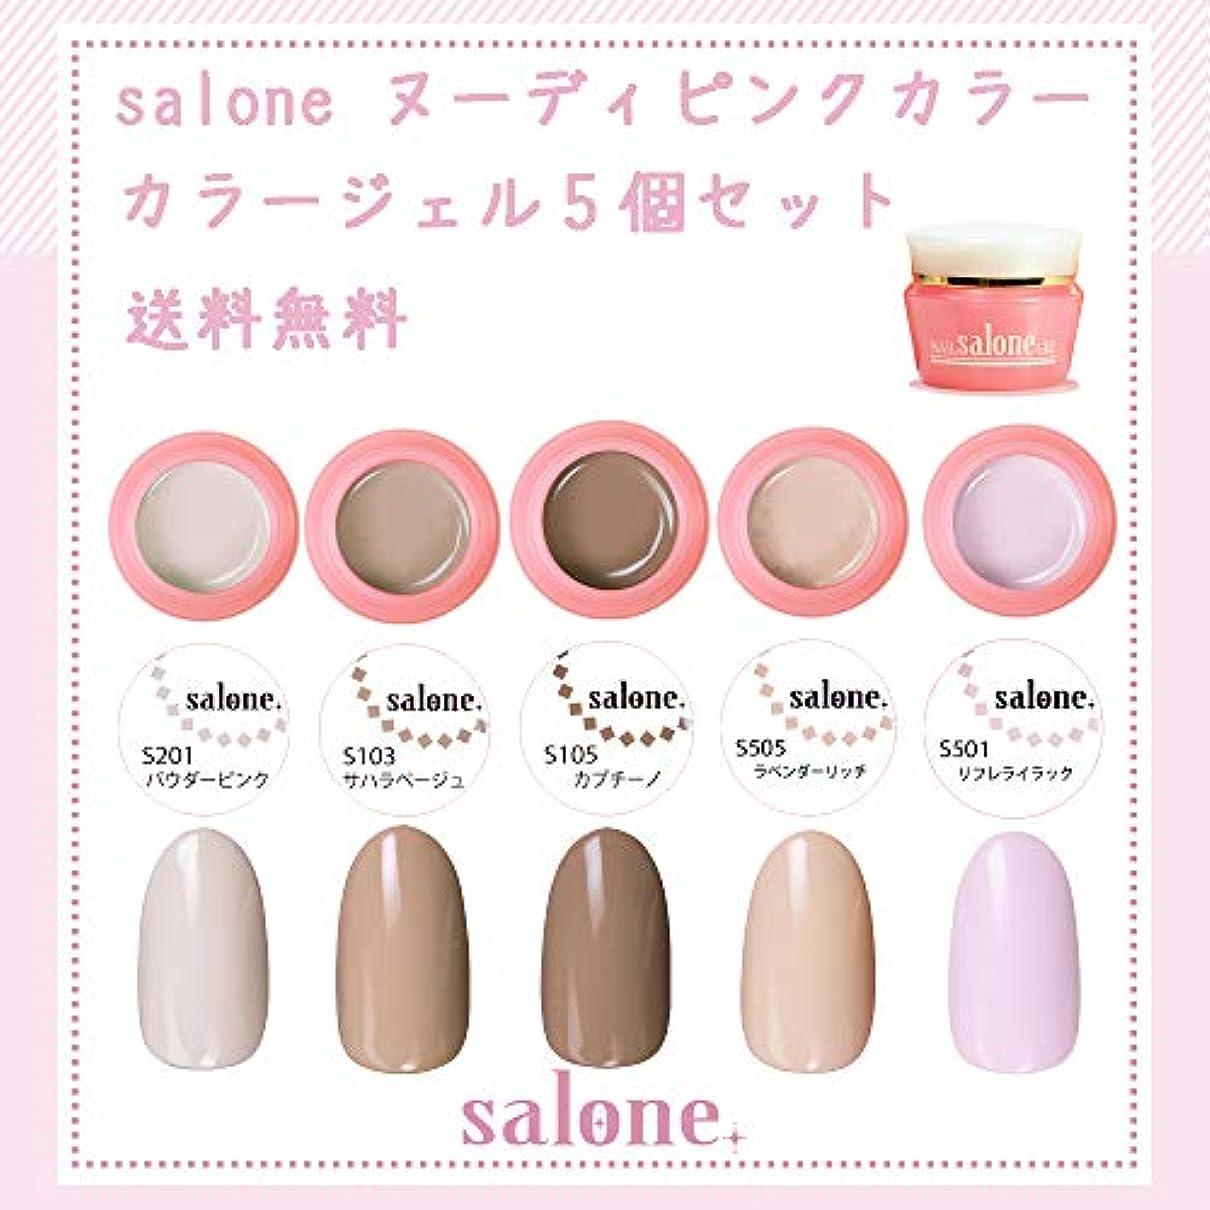 絵曲線ふさわしい【送料無料 日本製】Salone ヌーディピンク カラージェル5個セット サロンで人気のピンクベースの肌馴染みの良い上品なヌーディカラー